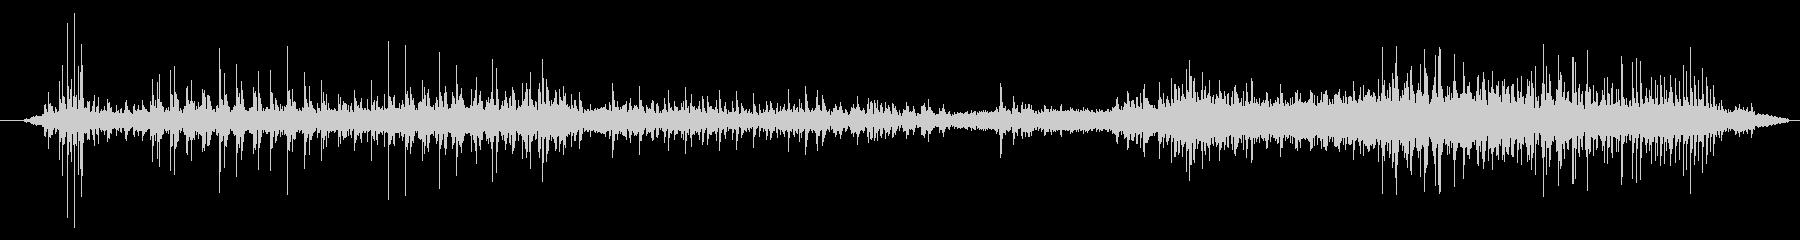 家庭 電動ハンドミキサーロング02の未再生の波形